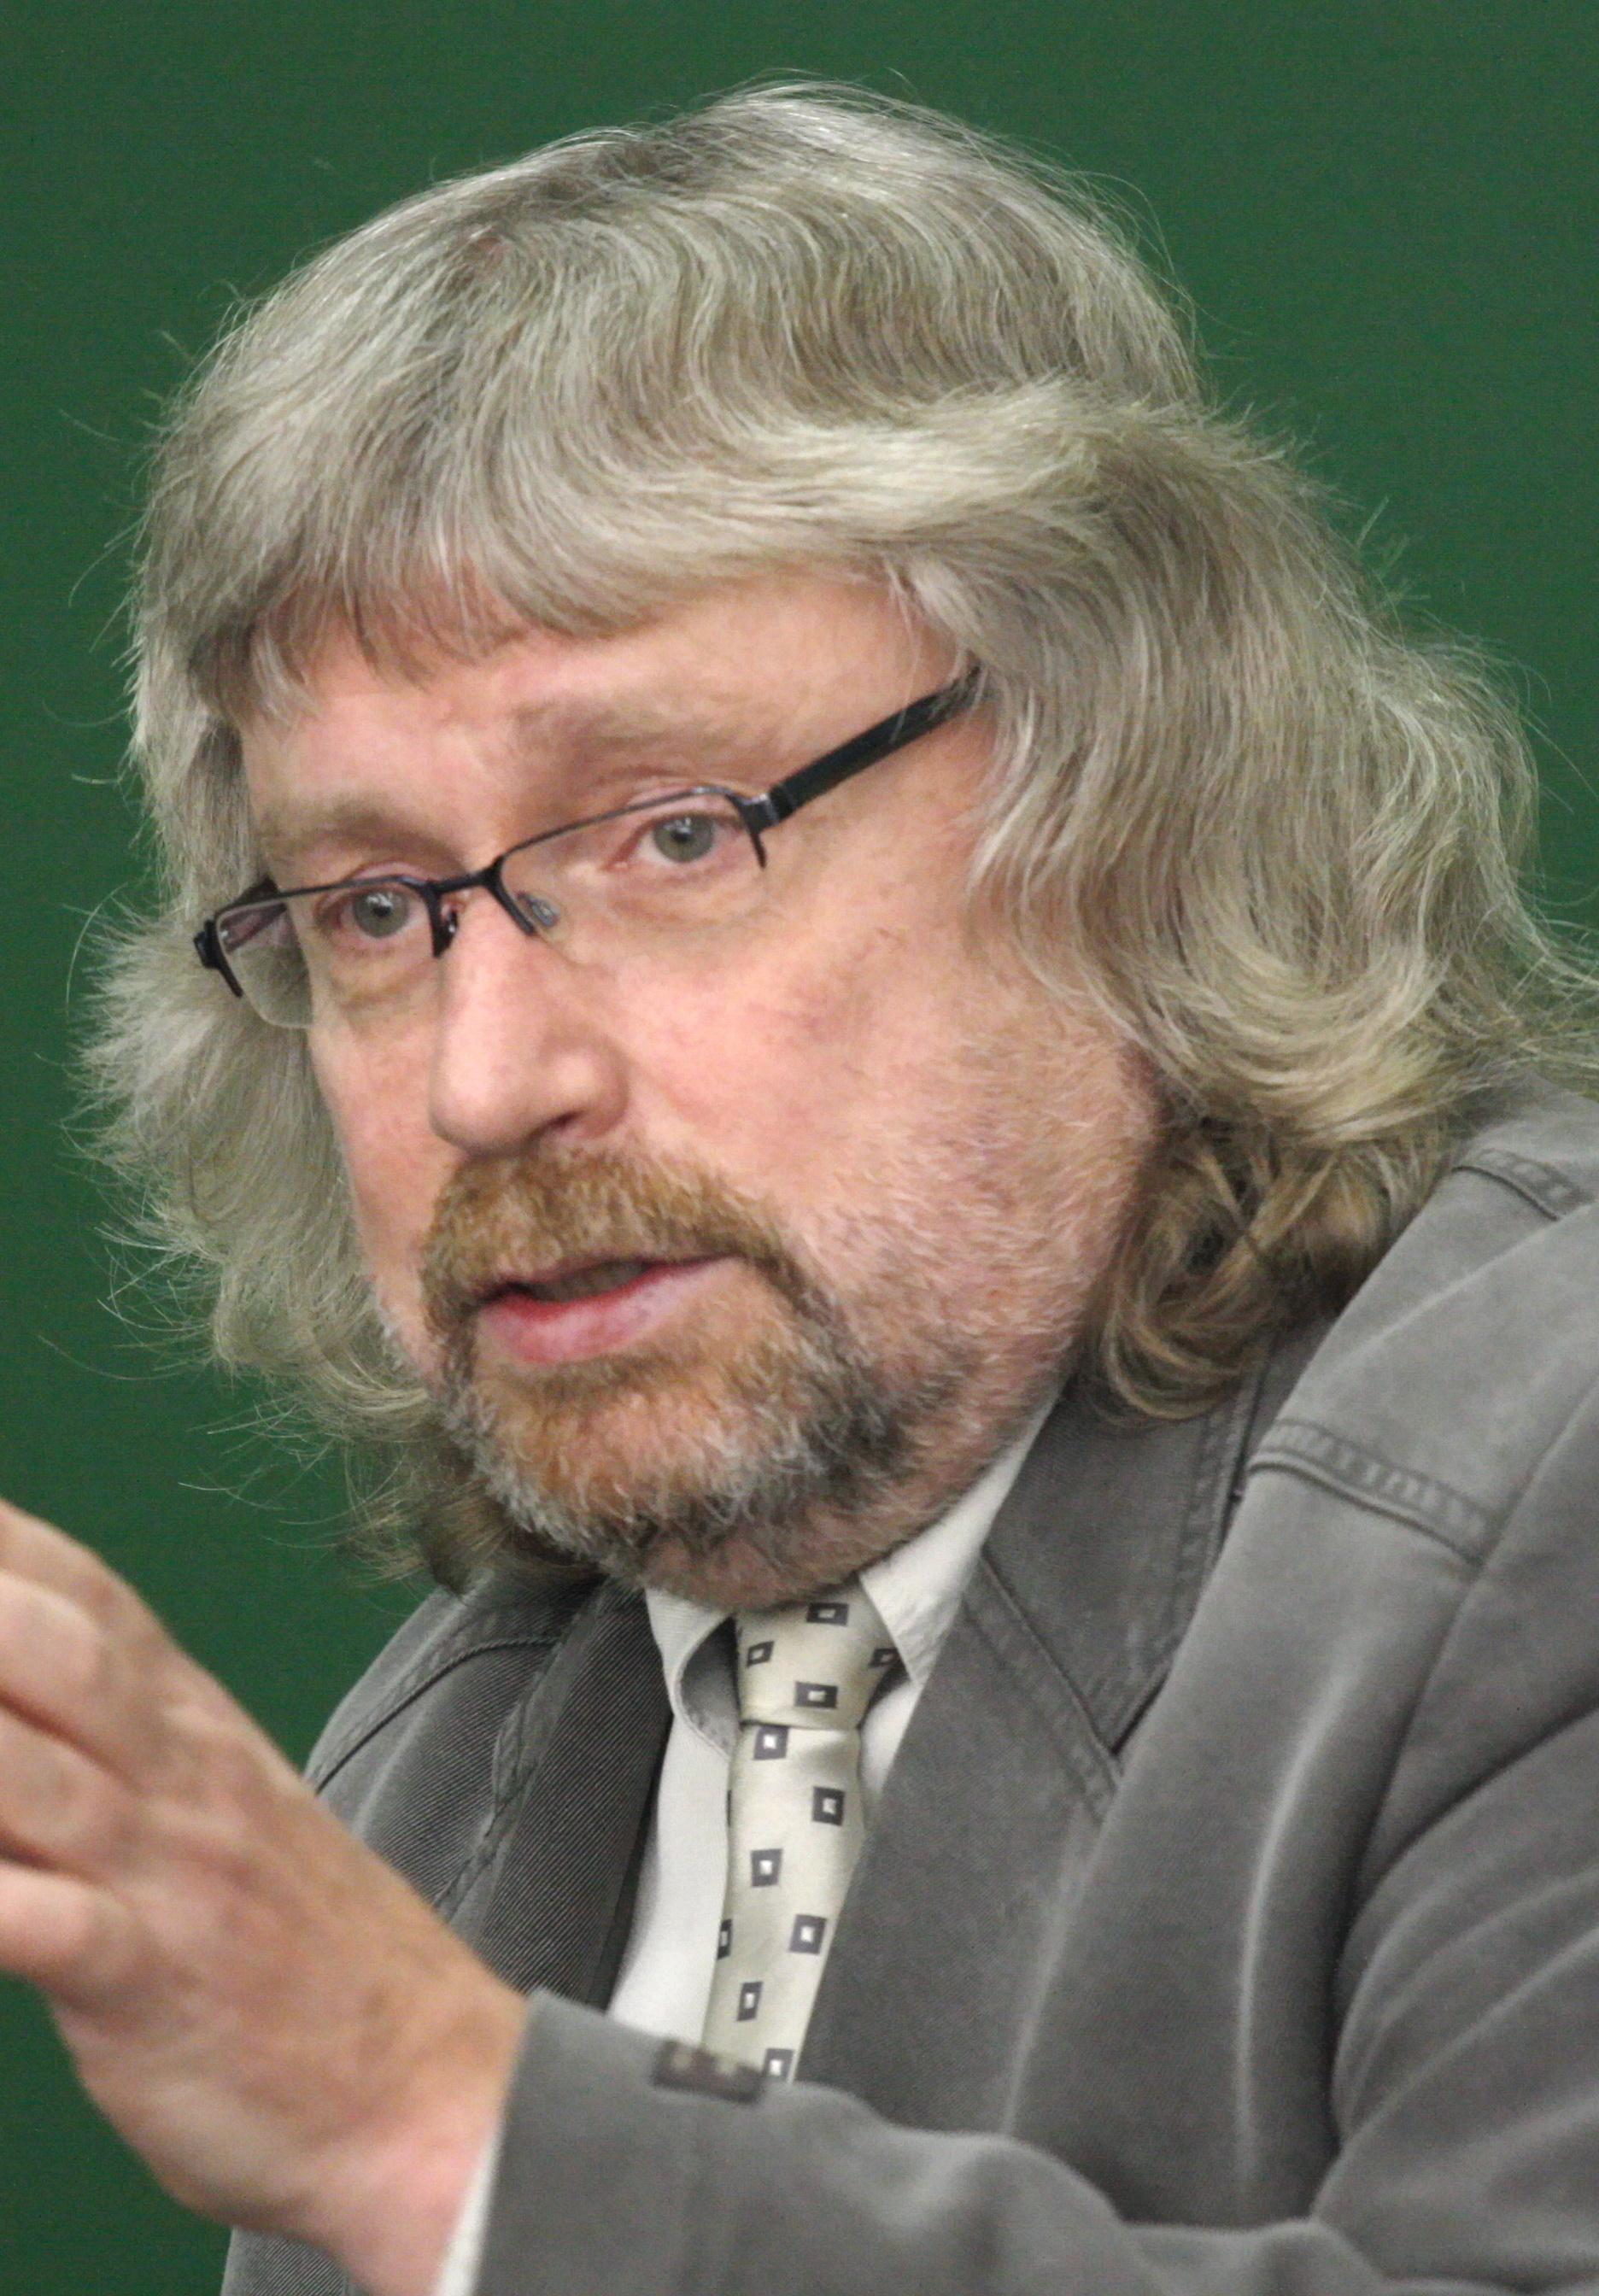 Lauri Vahtre in 2010